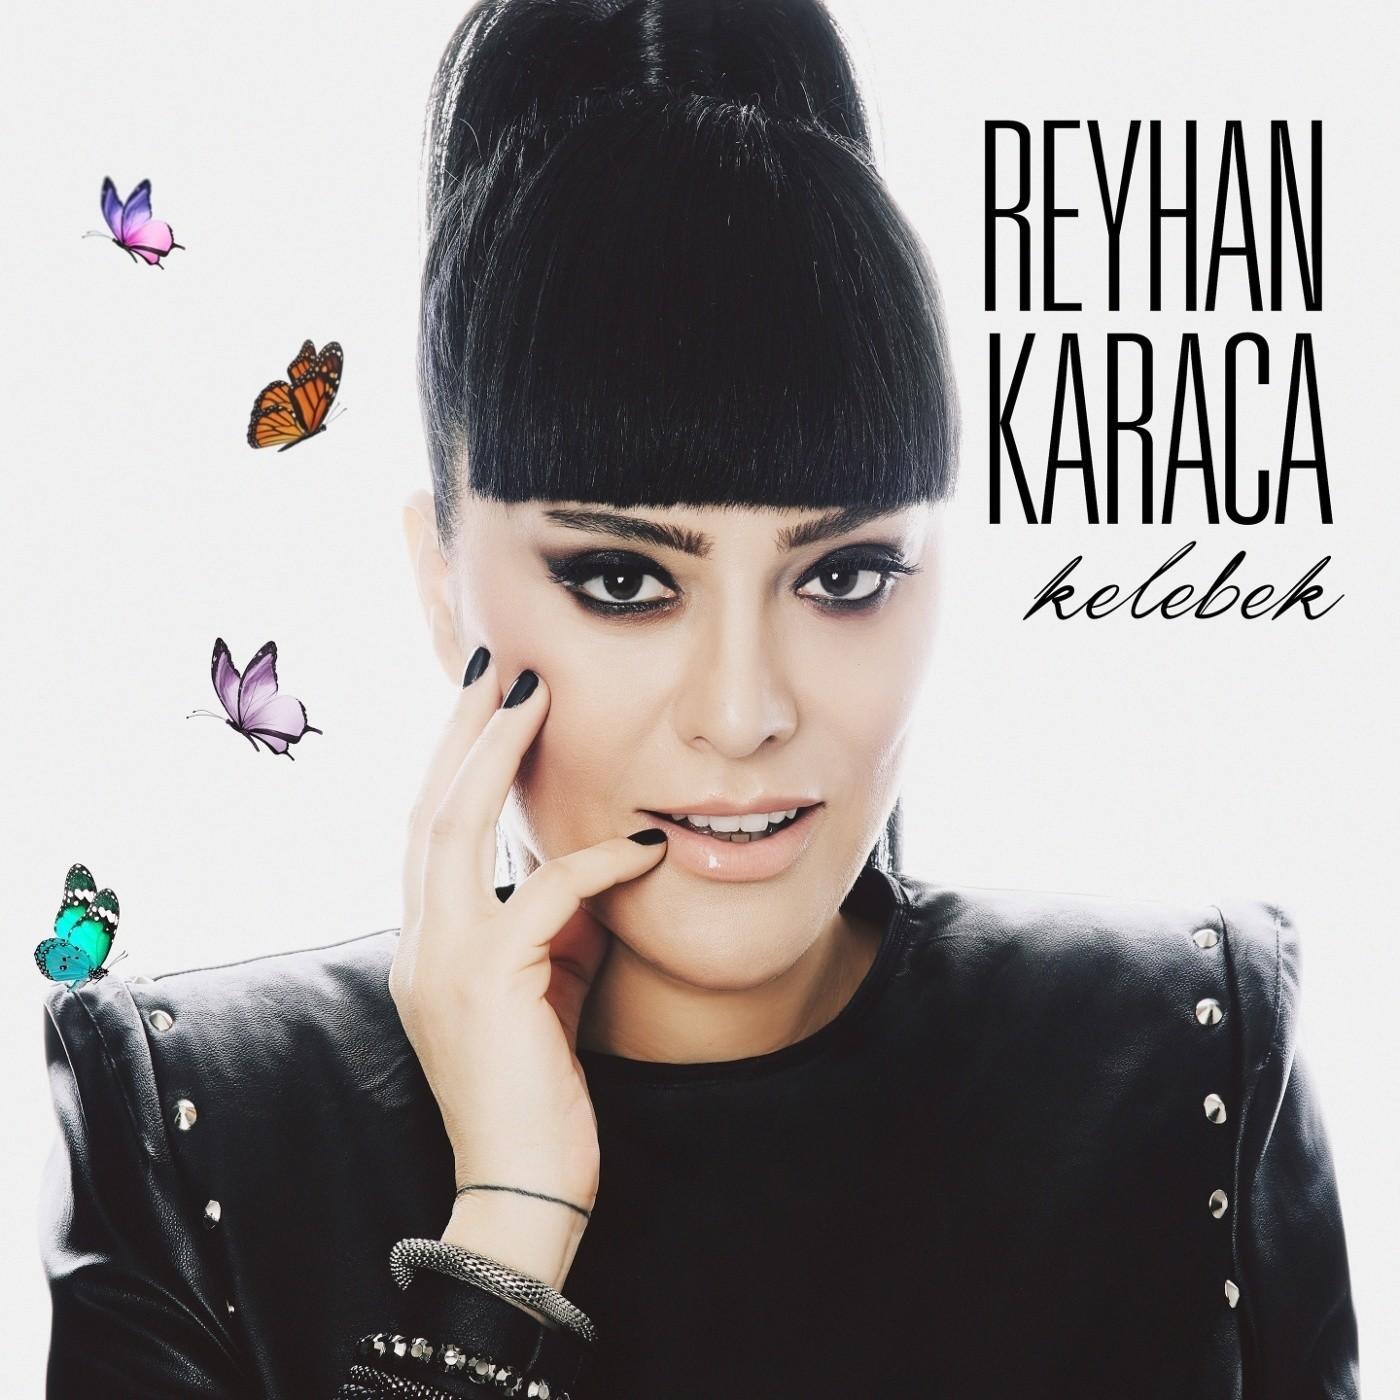 Reyhan Karaca - Kelebek